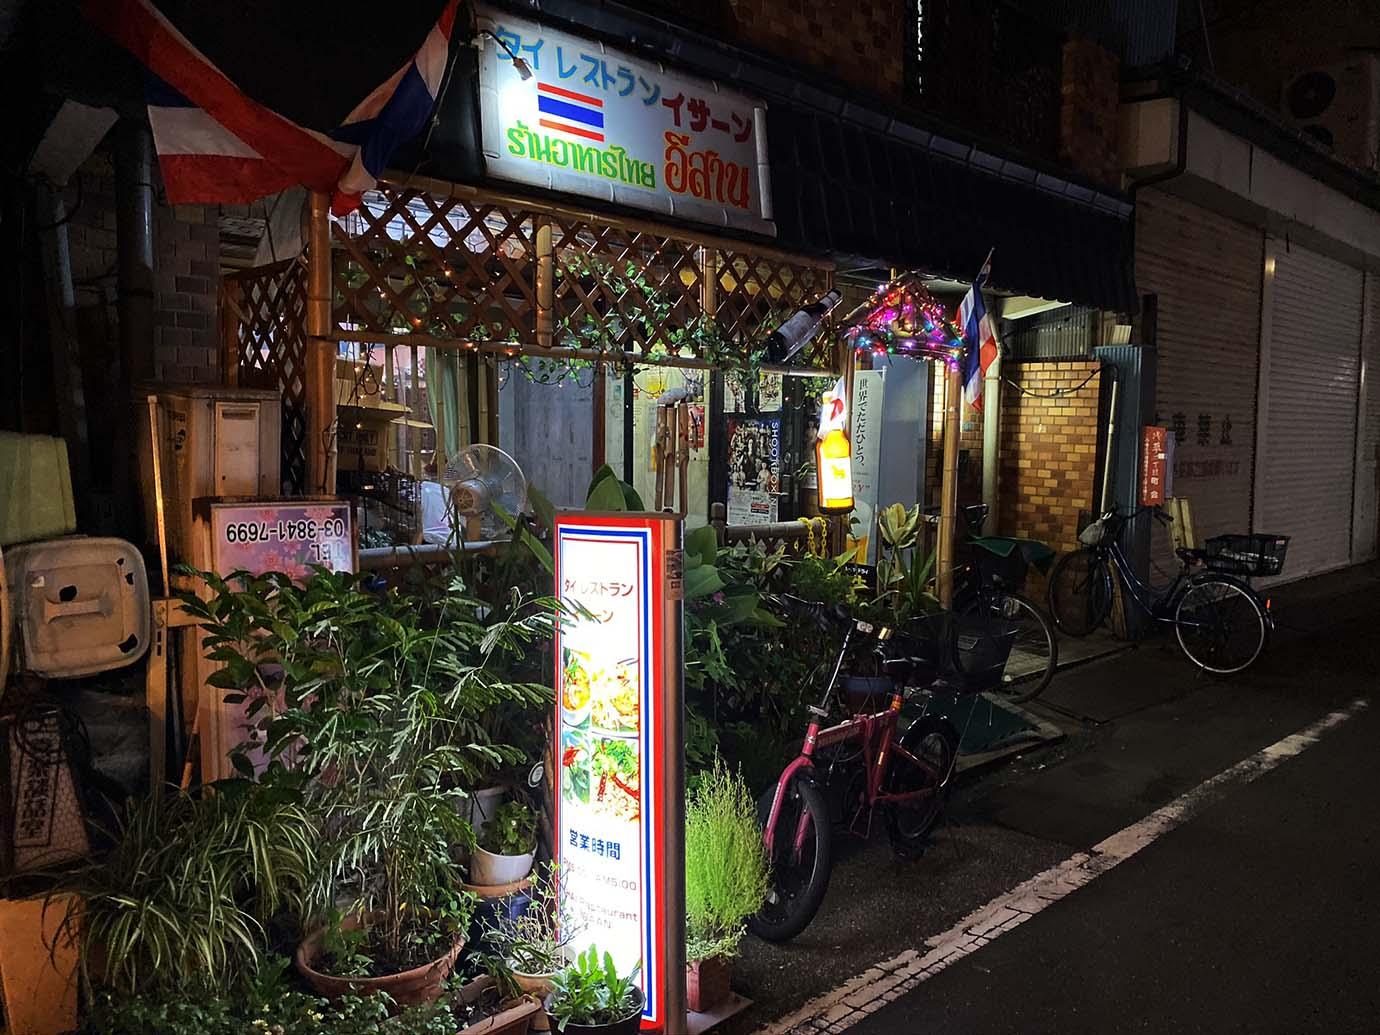 kodoku-no-gurume-season8-asakusa-thai17